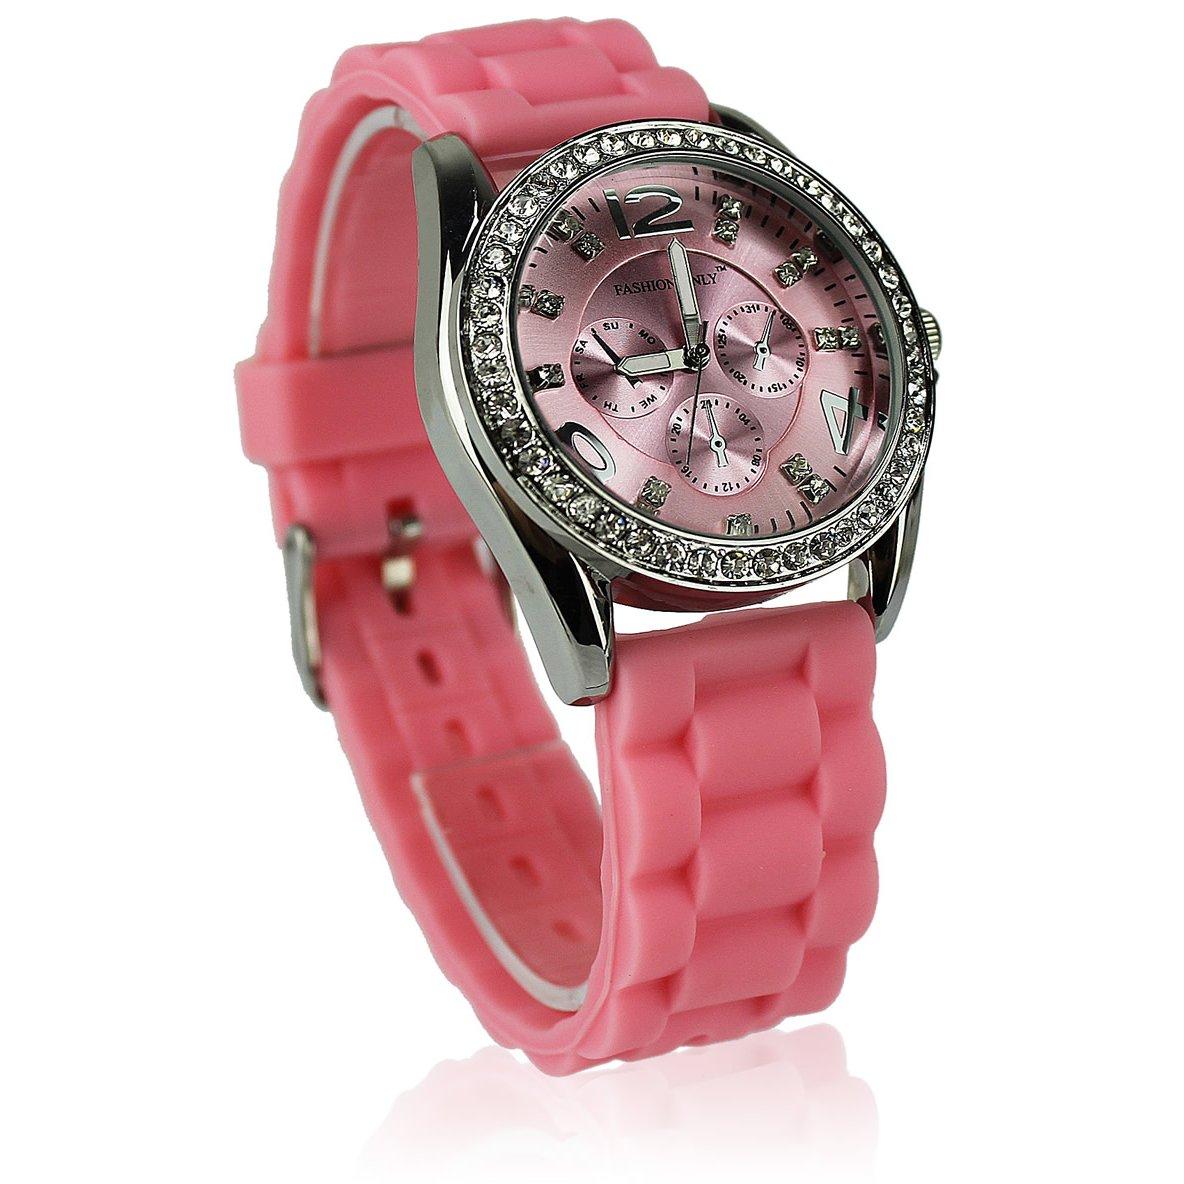 Dámske hodinky s kamínky růžové  - Fashion Only